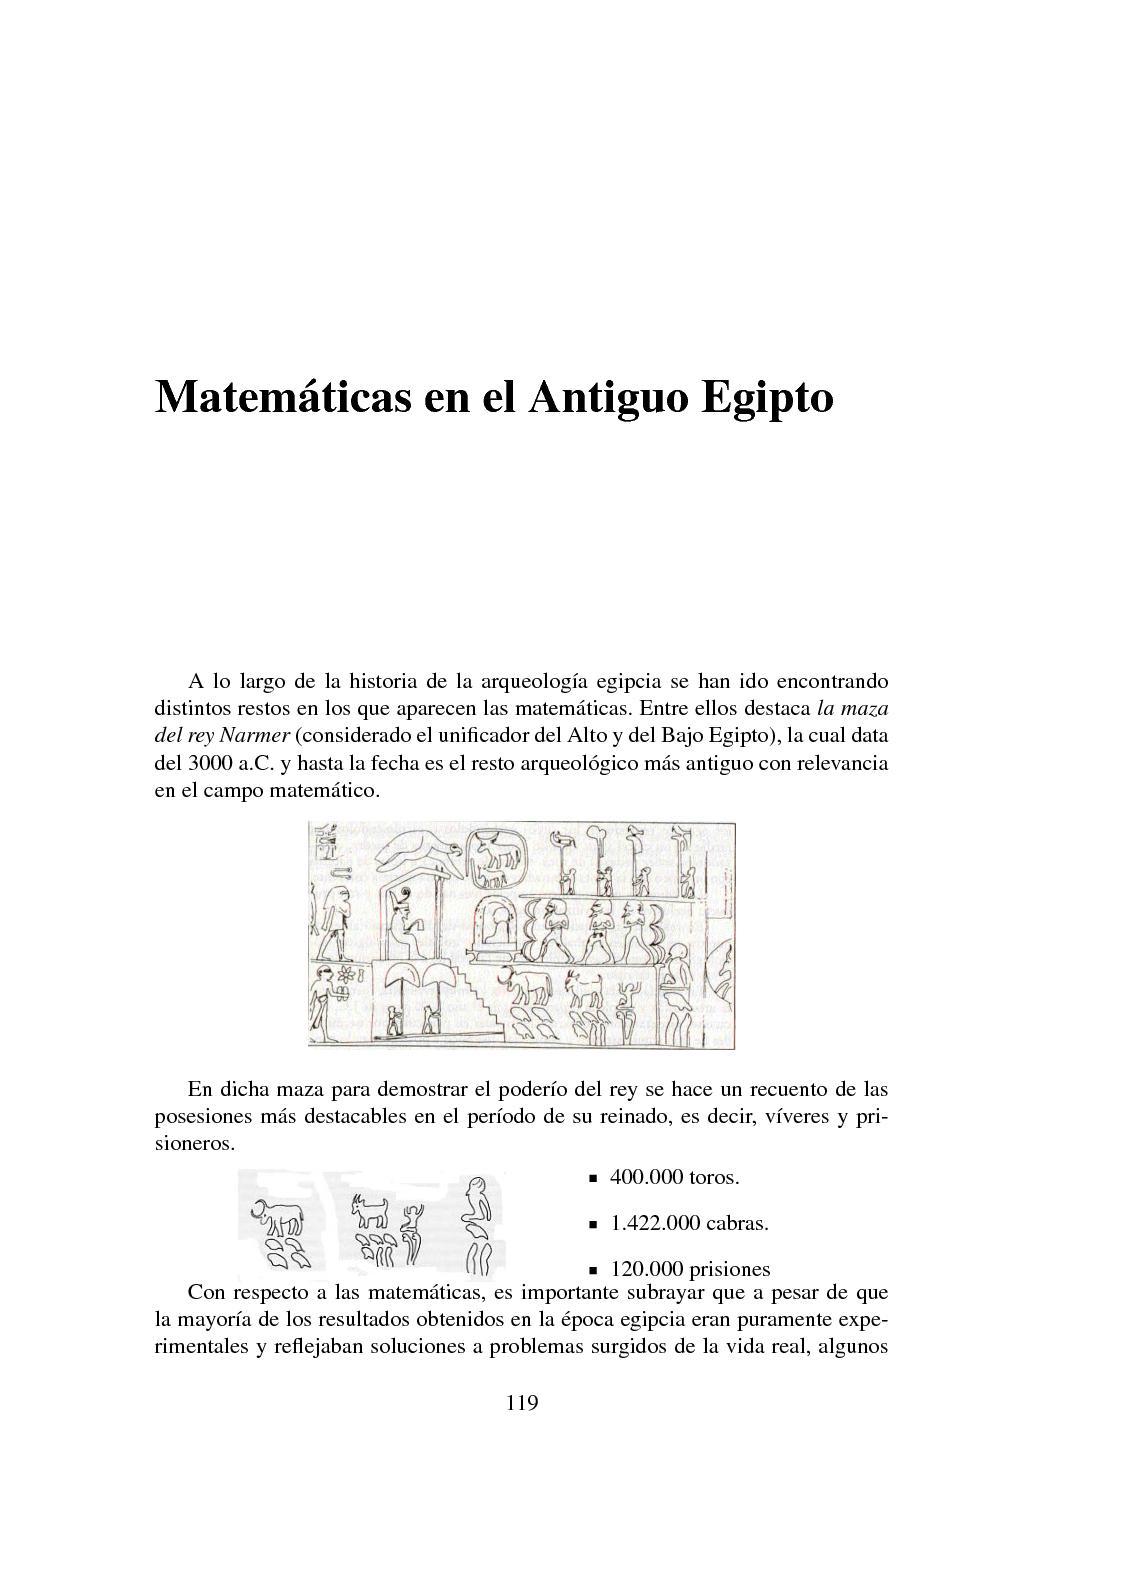 Moderno Hojas De Trabajo De Matemáticas Egipcias Adorno - hojas de ...